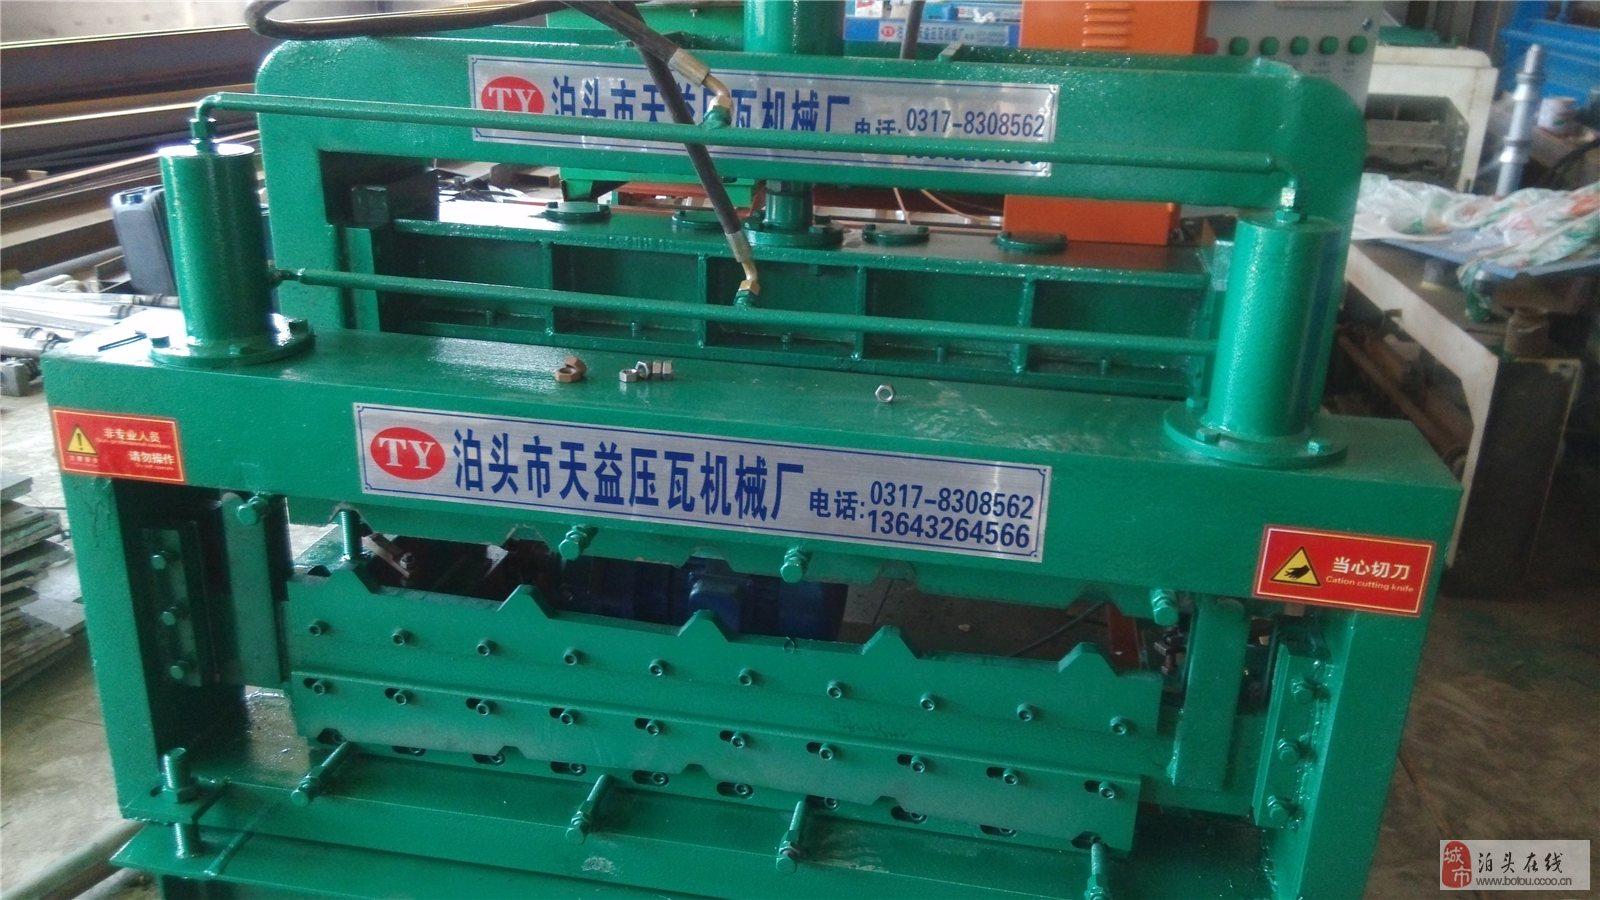 840/900双型屋顶板成型压瓦机彩钢设备介绍: 主要技术参数1 . 安装尺寸:6500mm1200mm1800mm2 . 成型道数: 11道(840) 10道(900)3 . 辊轮材质:45#钢4 . 辊轮电镀层厚度:0.05mm5 . 切刀材质:Cr126 . 成型速度: 9-10m/min. 7 . 电控系统:工业电脑PLC控制,元器件完全应用台达、德力西、正泰等知名品牌的元器件组合拼装8 .